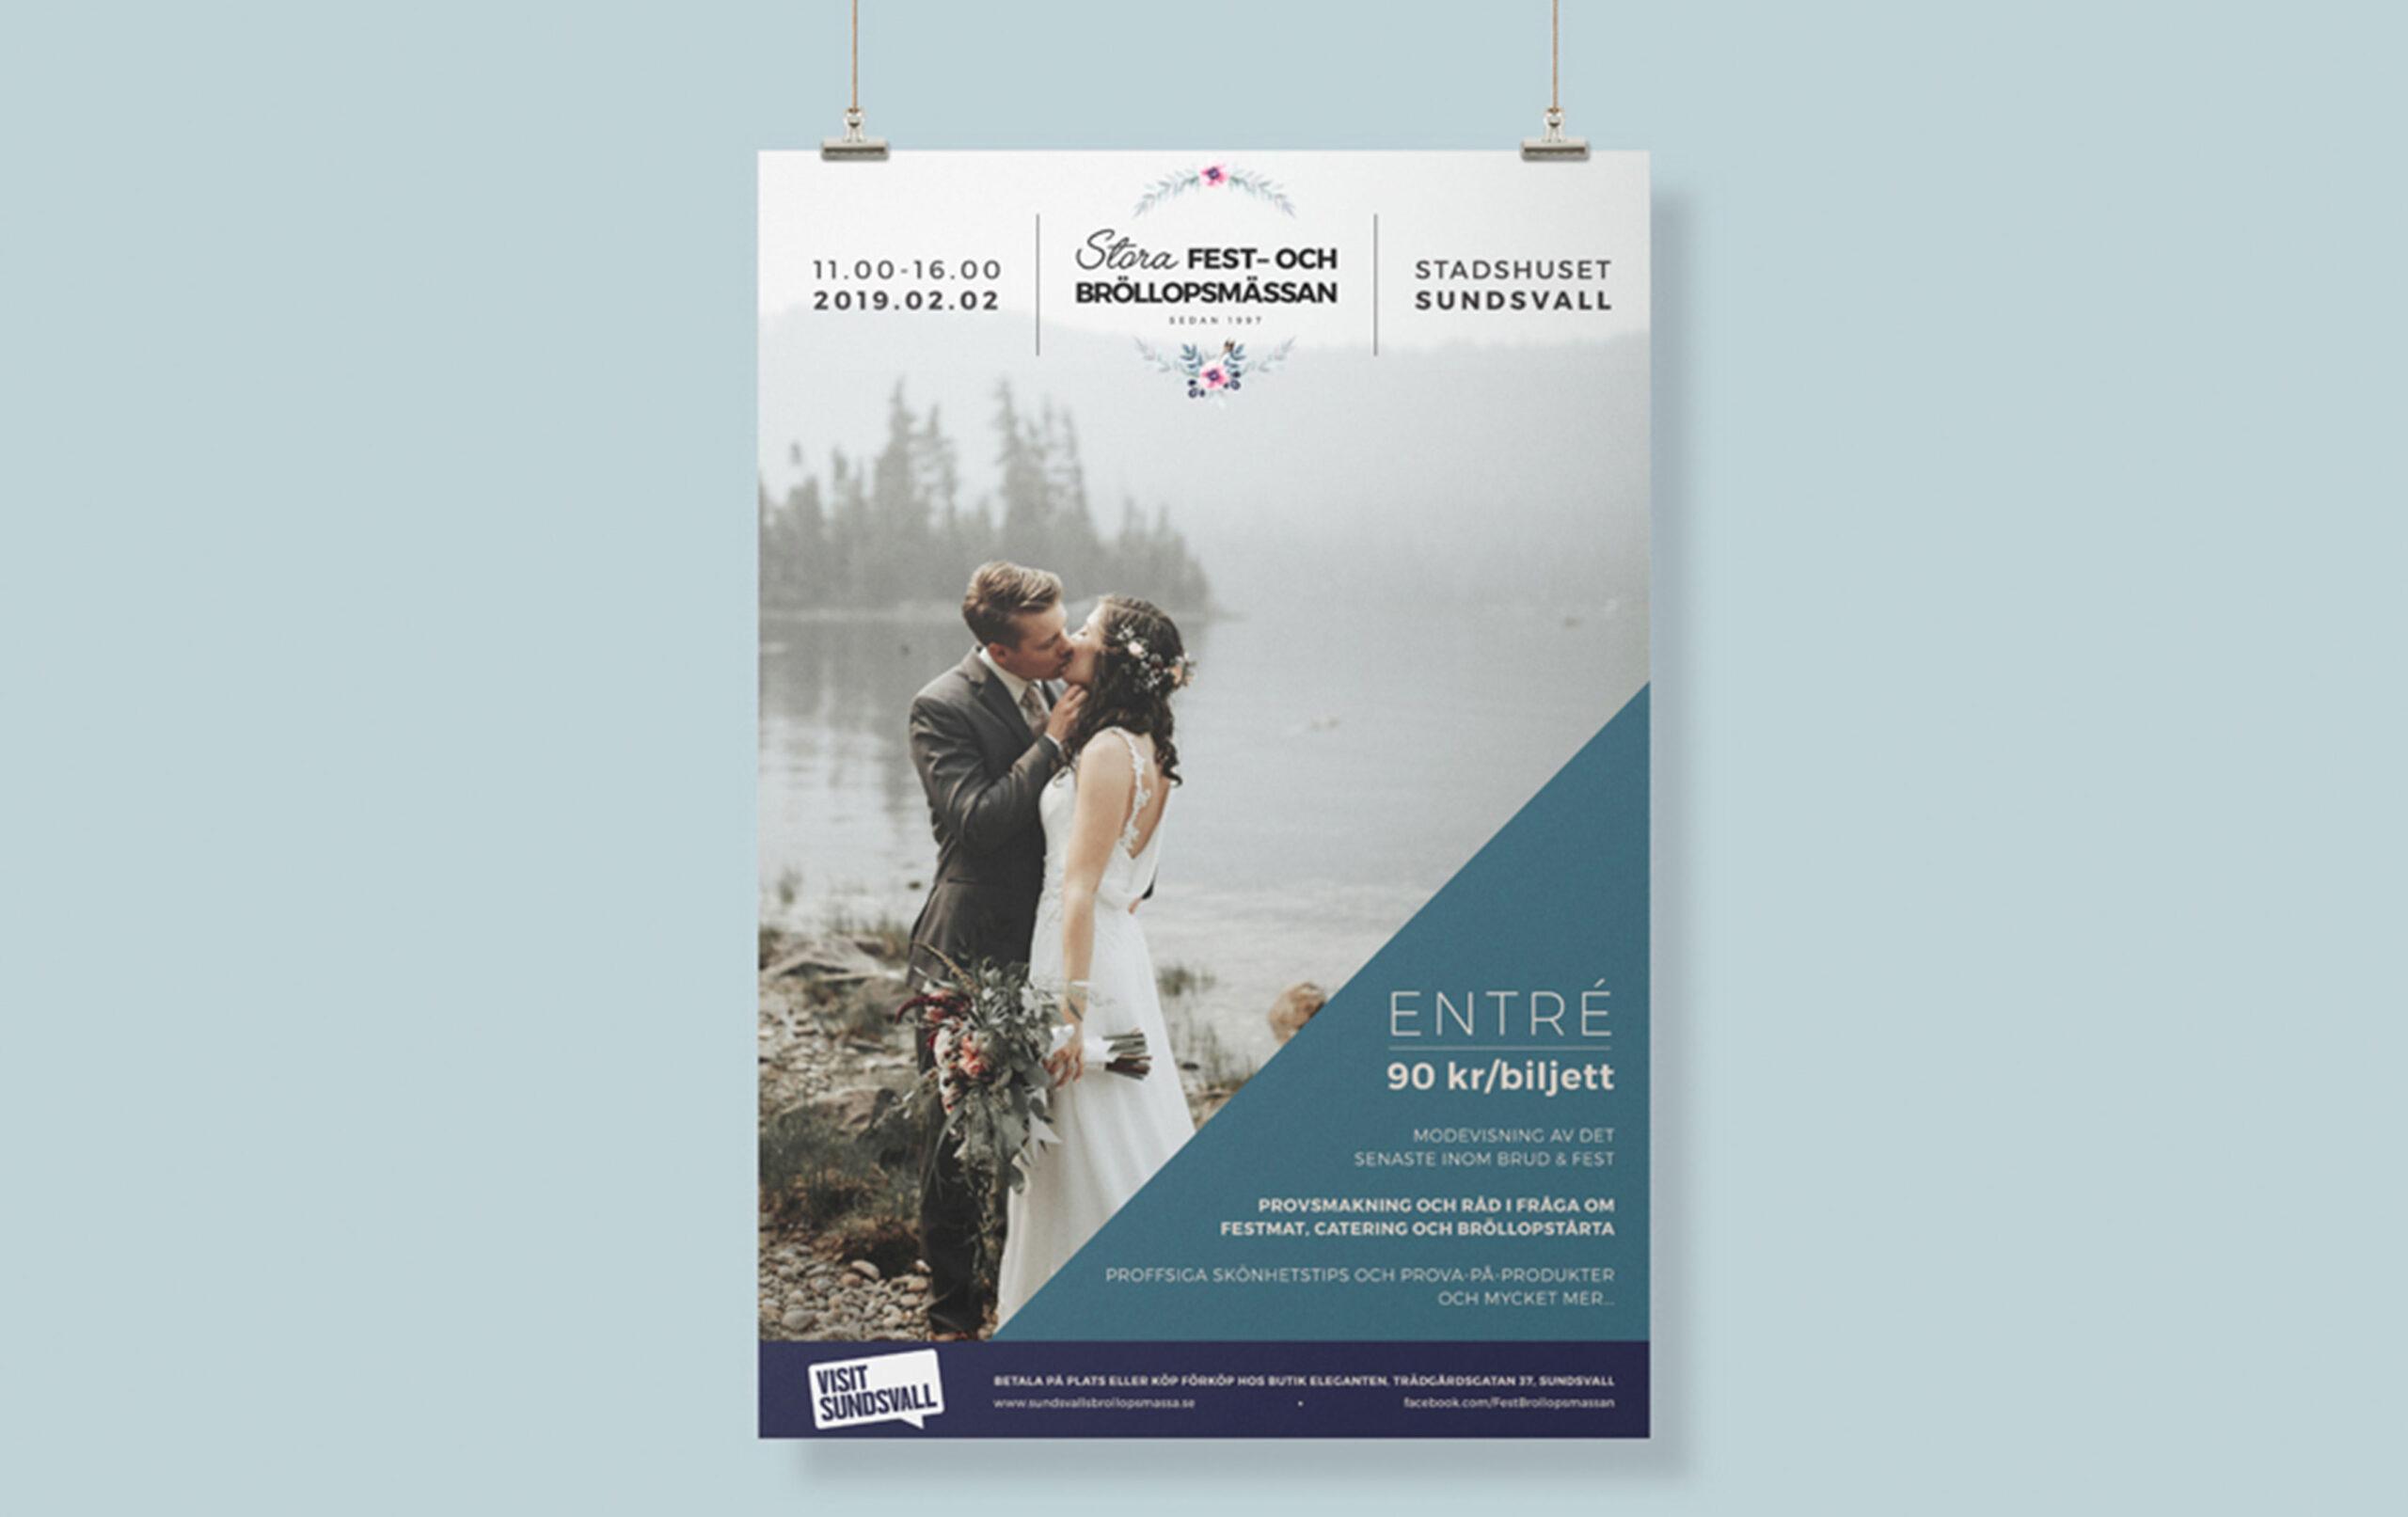 Stora fest- och bröllopsmässan affisch